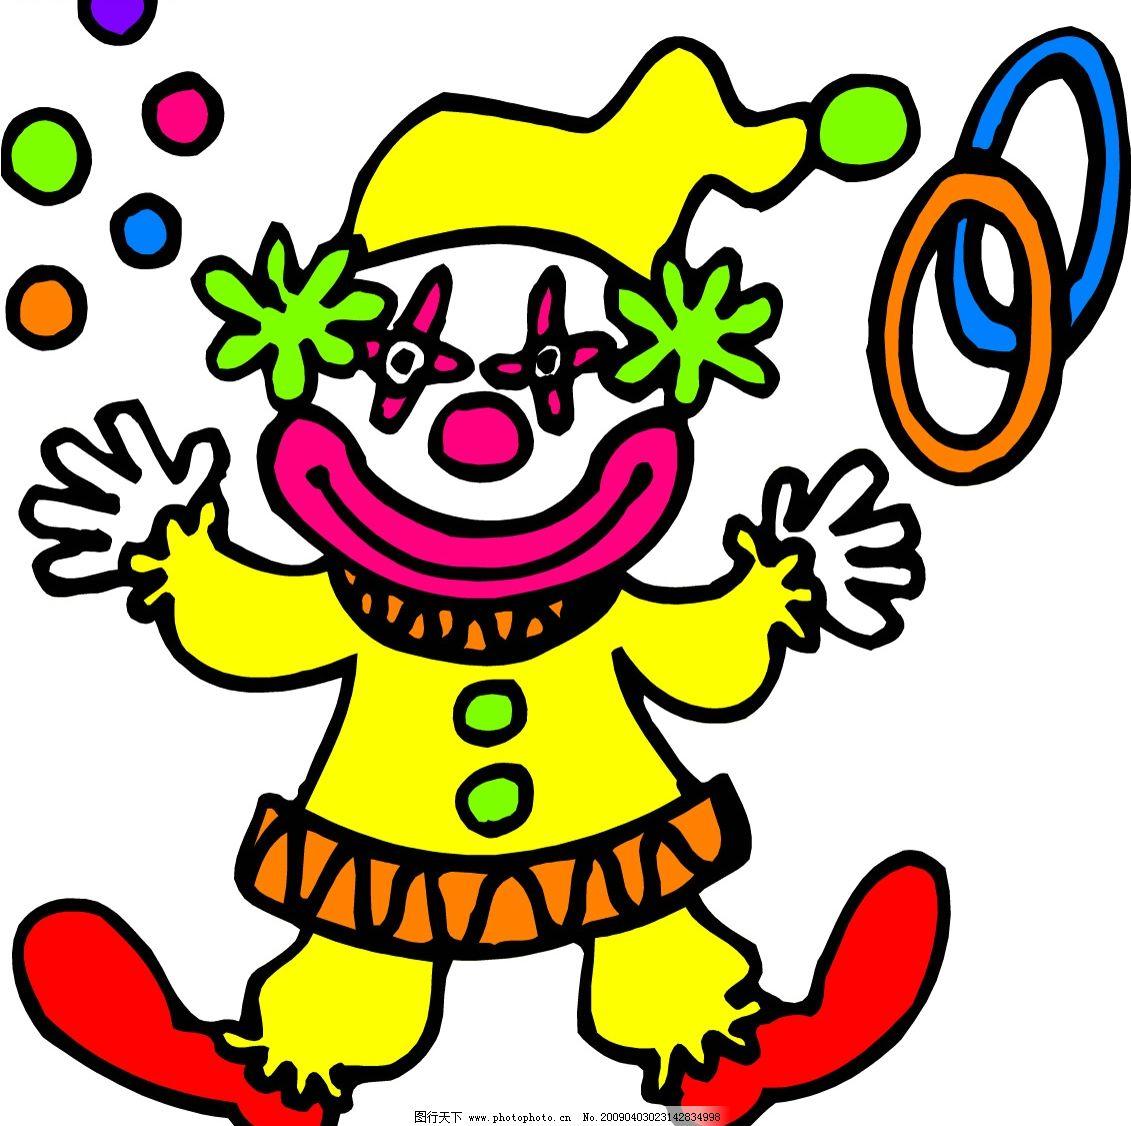 矢量 人物 人像 小丑 男性 女性 男孩 女孩 日常生活 矢量图库 wmf